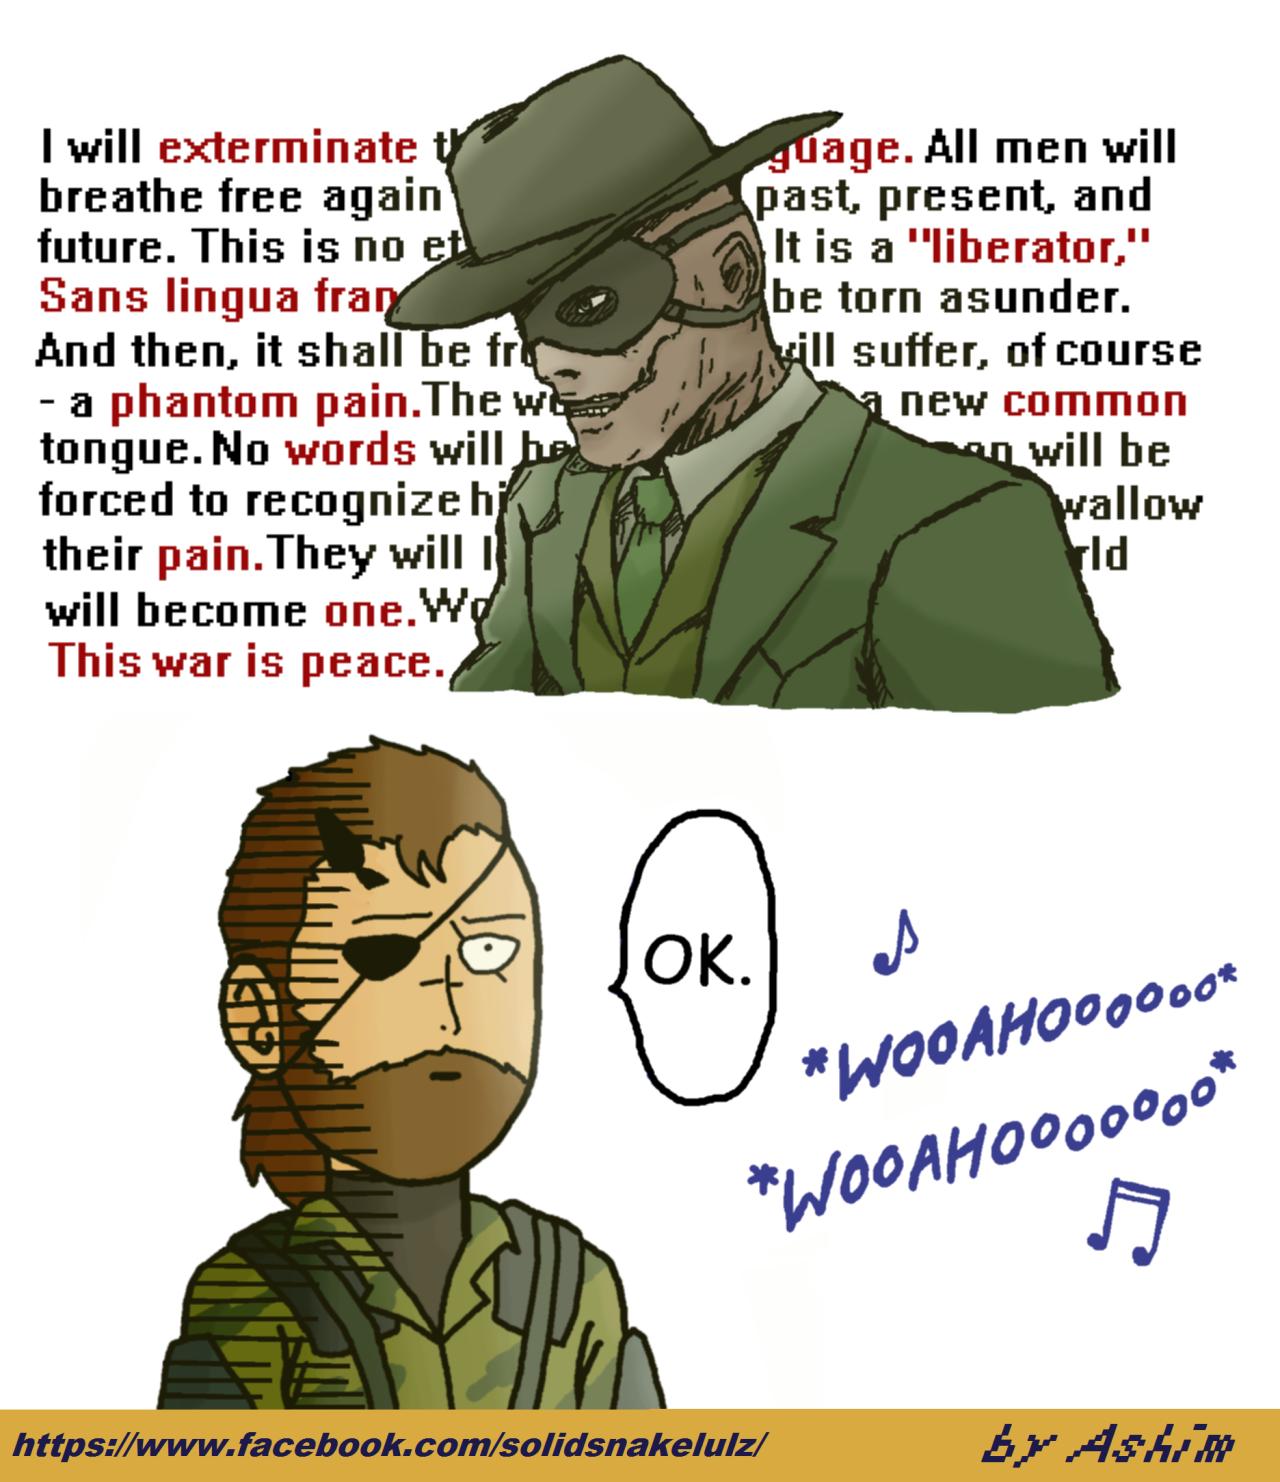 Solid Snake Metal Gear Wiki Fandom Powered By Wikia Snake Metal Gear Metal Gear Metal Gear Solid